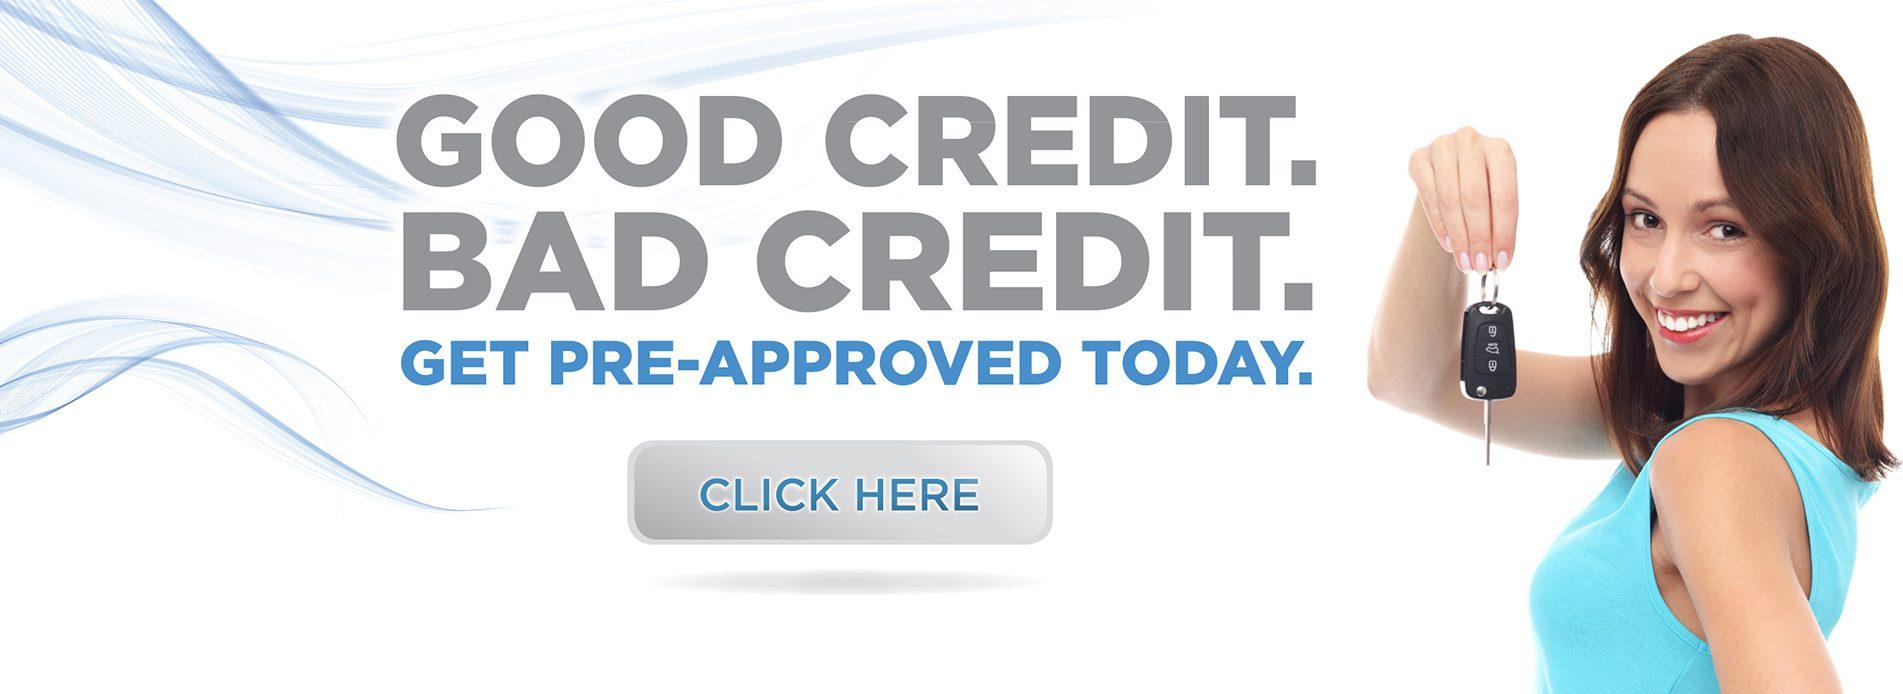 Good Credit? Bad Credit? Get Approved at Zender Ford!